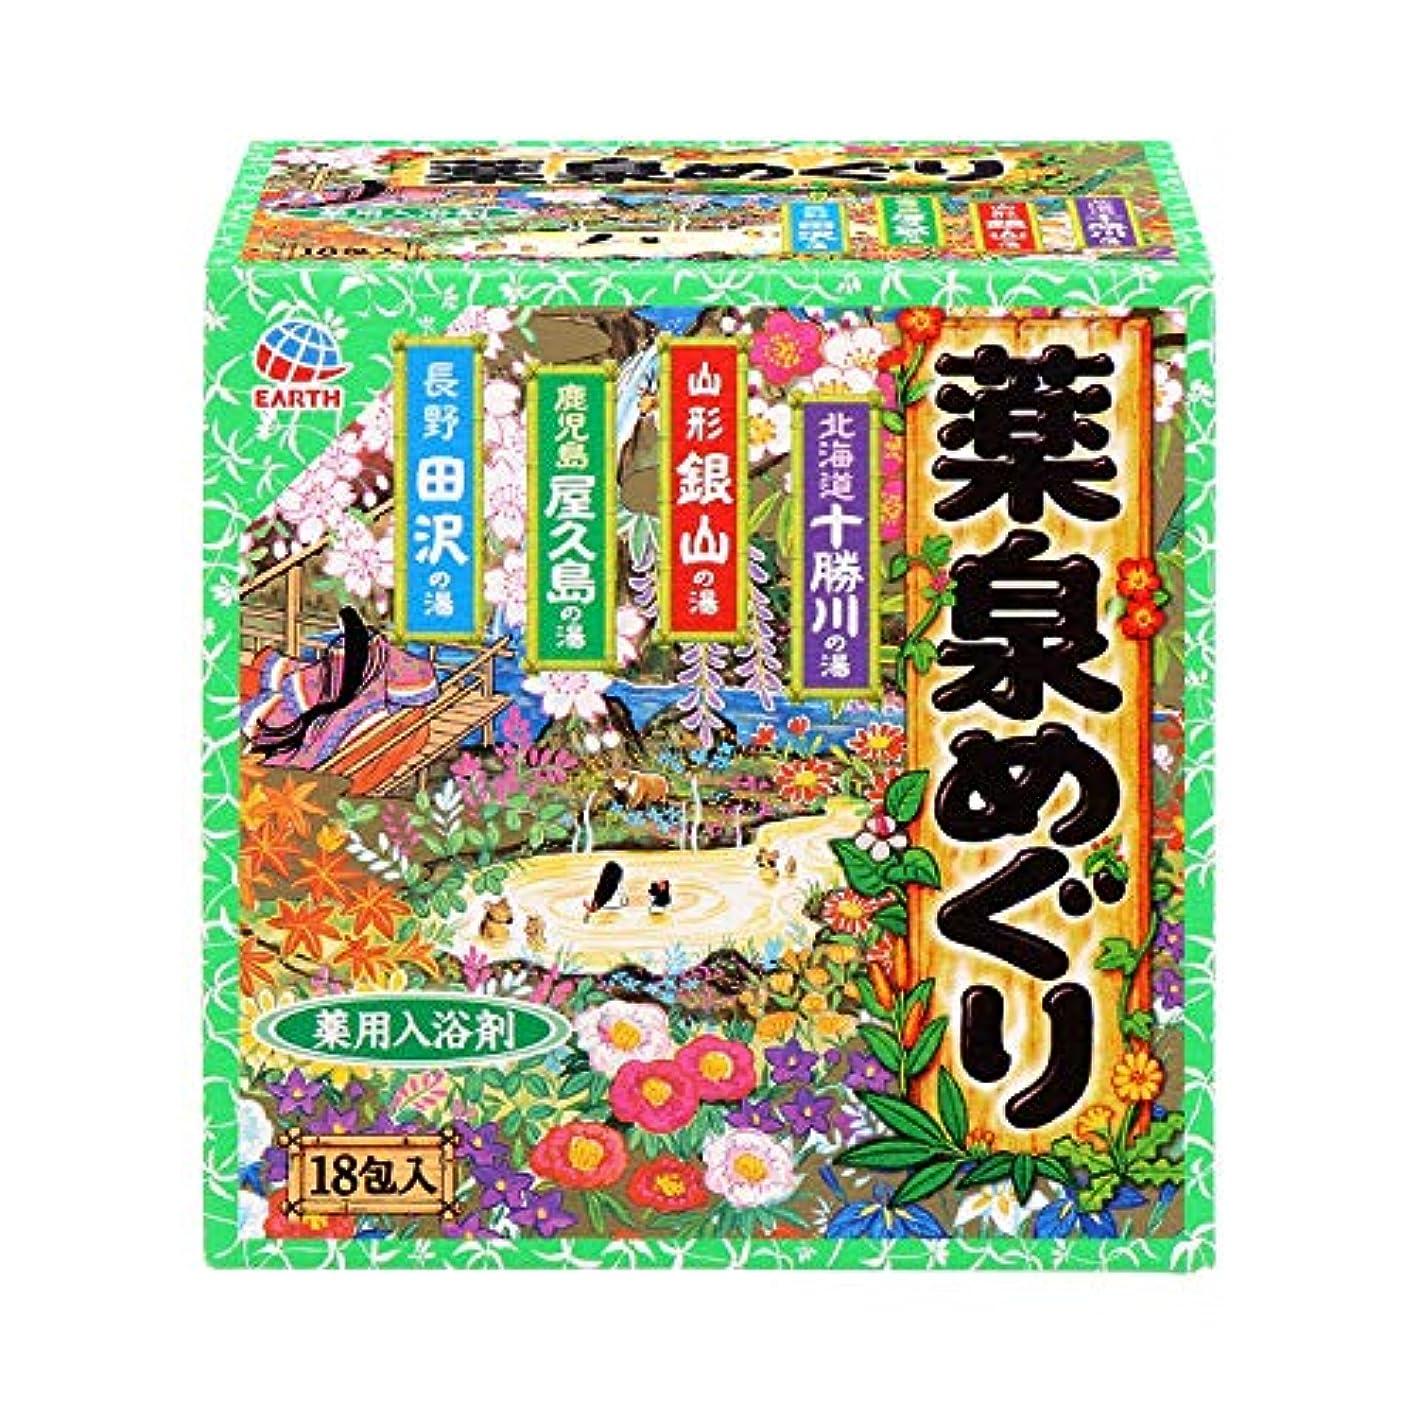 【アース製薬】薬泉めぐり 540g(30g*18包) ×20個セット